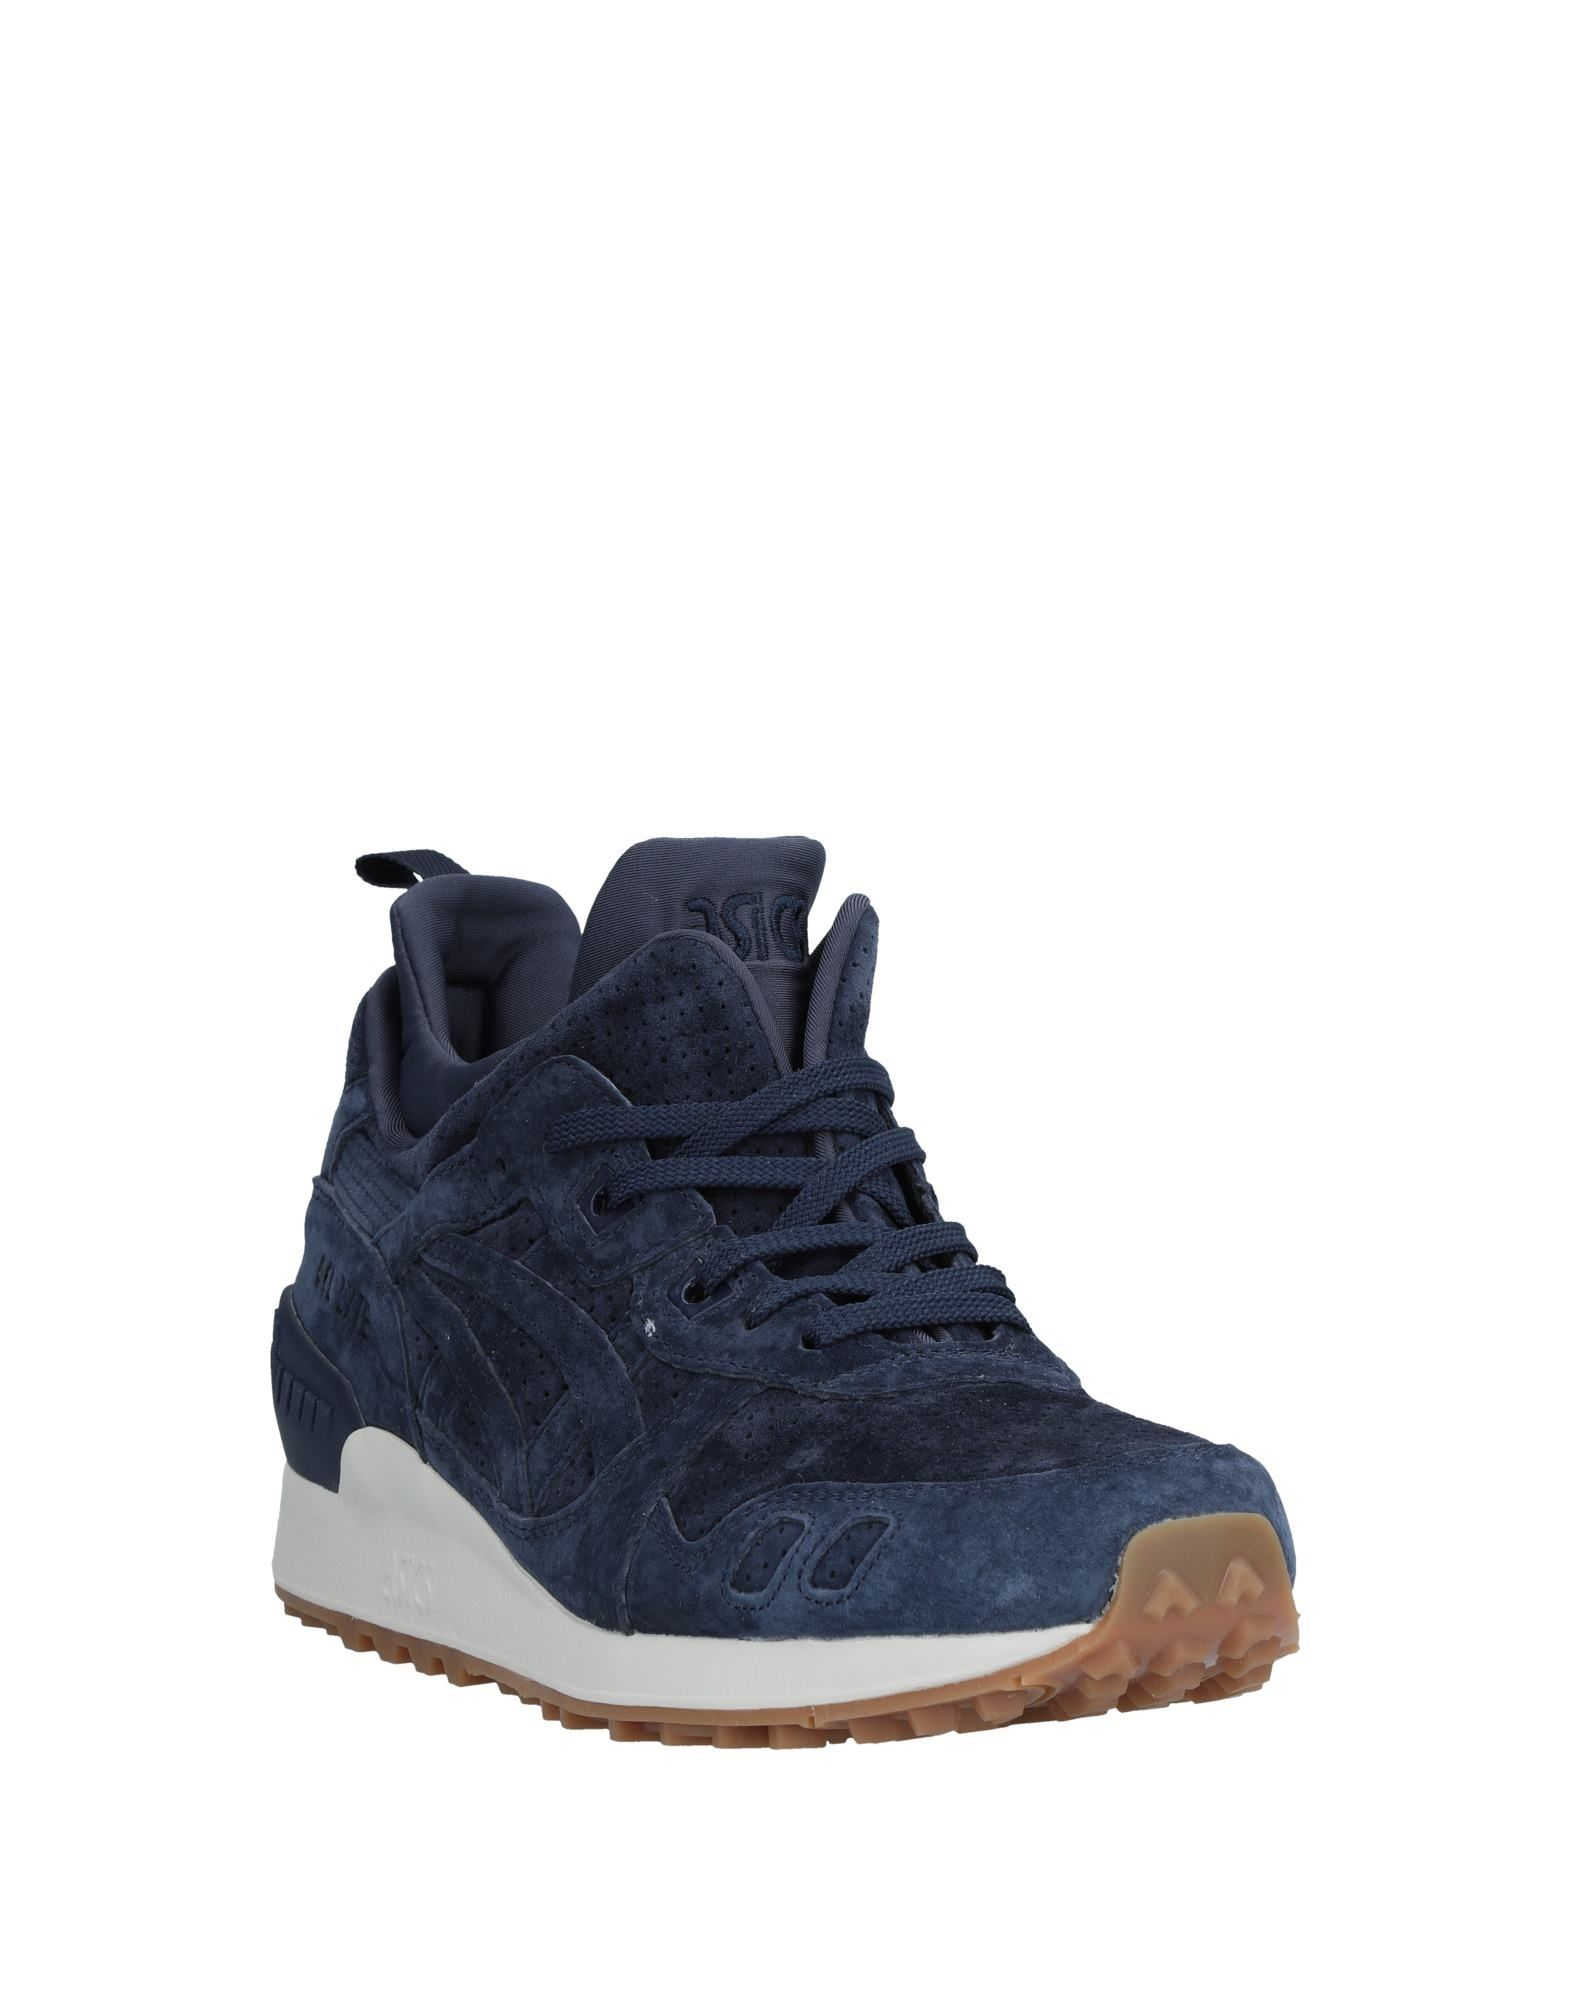 Rabatt Sneakers echte Schuhe Asics Tiger Sneakers Rabatt Herren  11535724HB 89352e